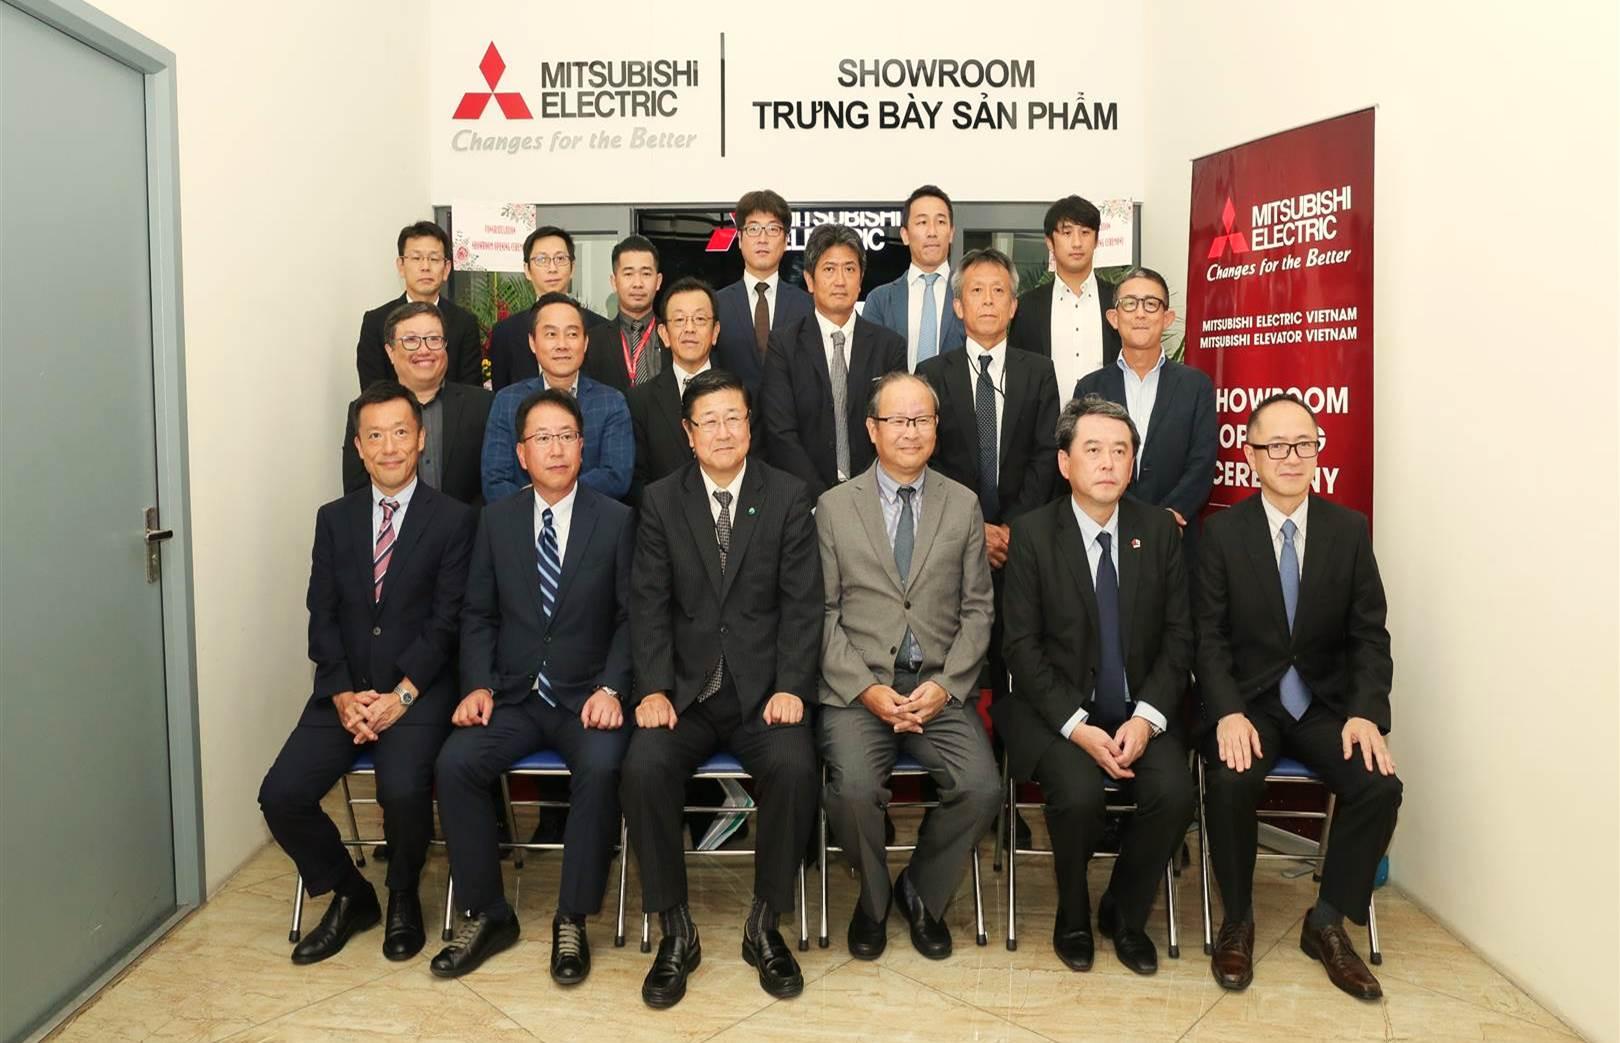 Khánh thành Phòng trưng bày sản phẩm Mitsubishi Electric tại Hà Nội